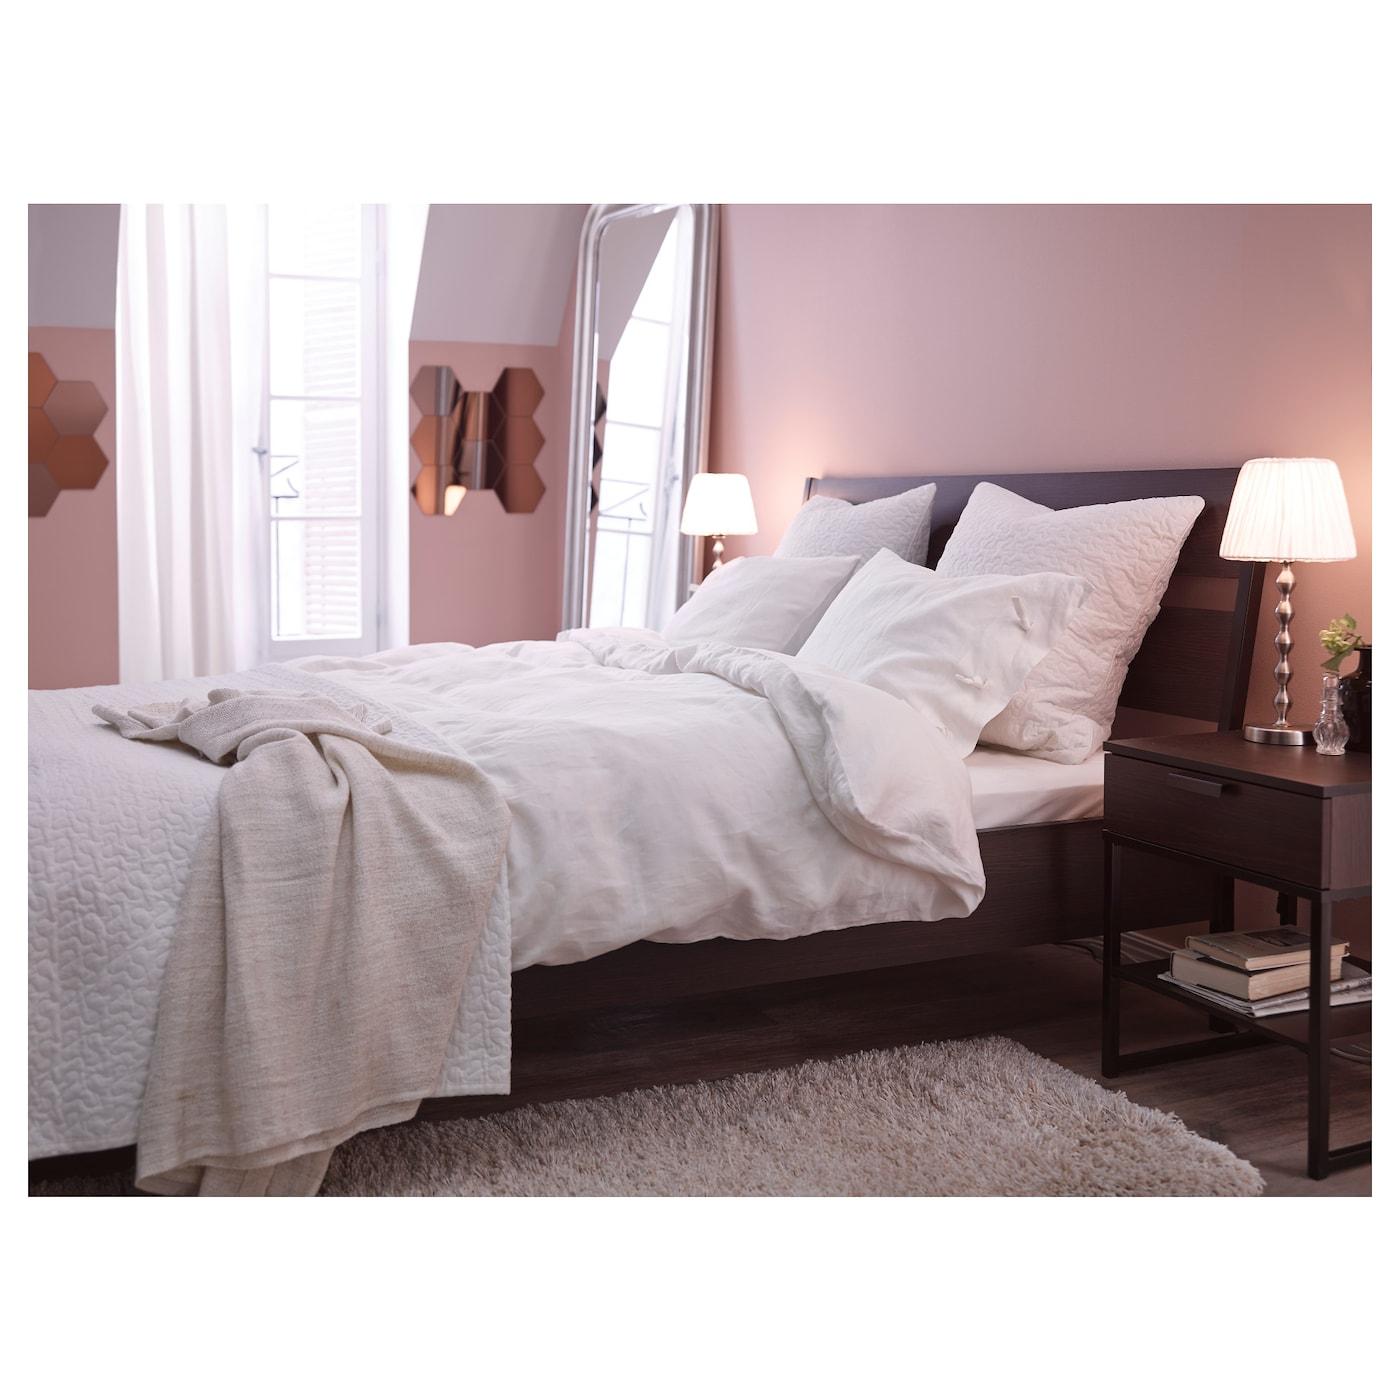 trysil cadre de lit brun fonc noir 160 x 200 cm ikea. Black Bedroom Furniture Sets. Home Design Ideas